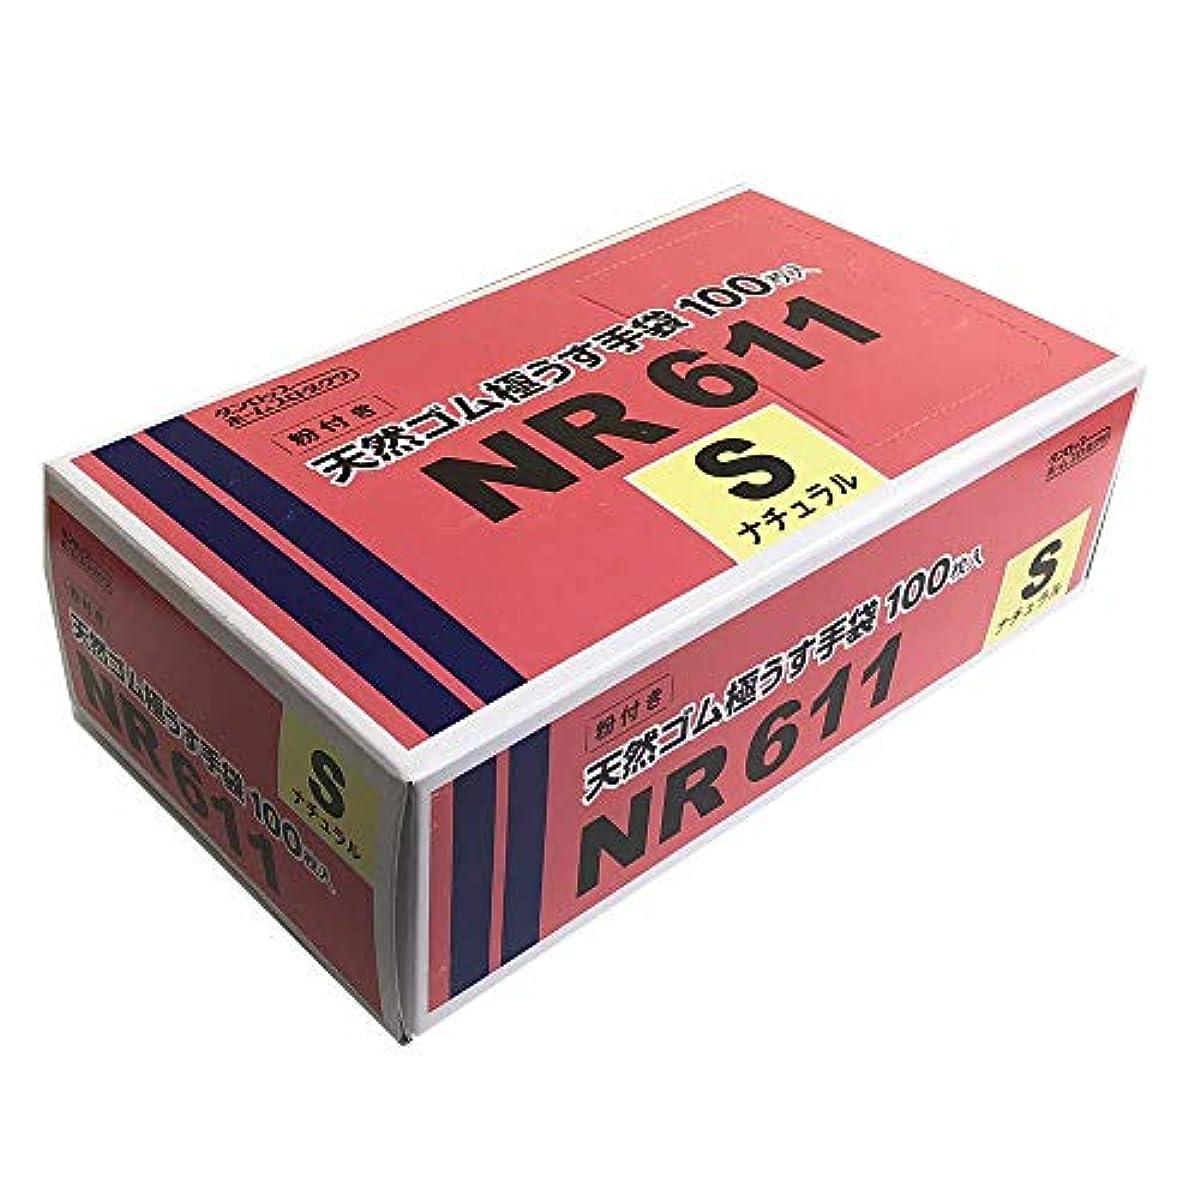 入植者用量優雅DP NR611 粉付天然ゴム極薄手袋S-N ×20個